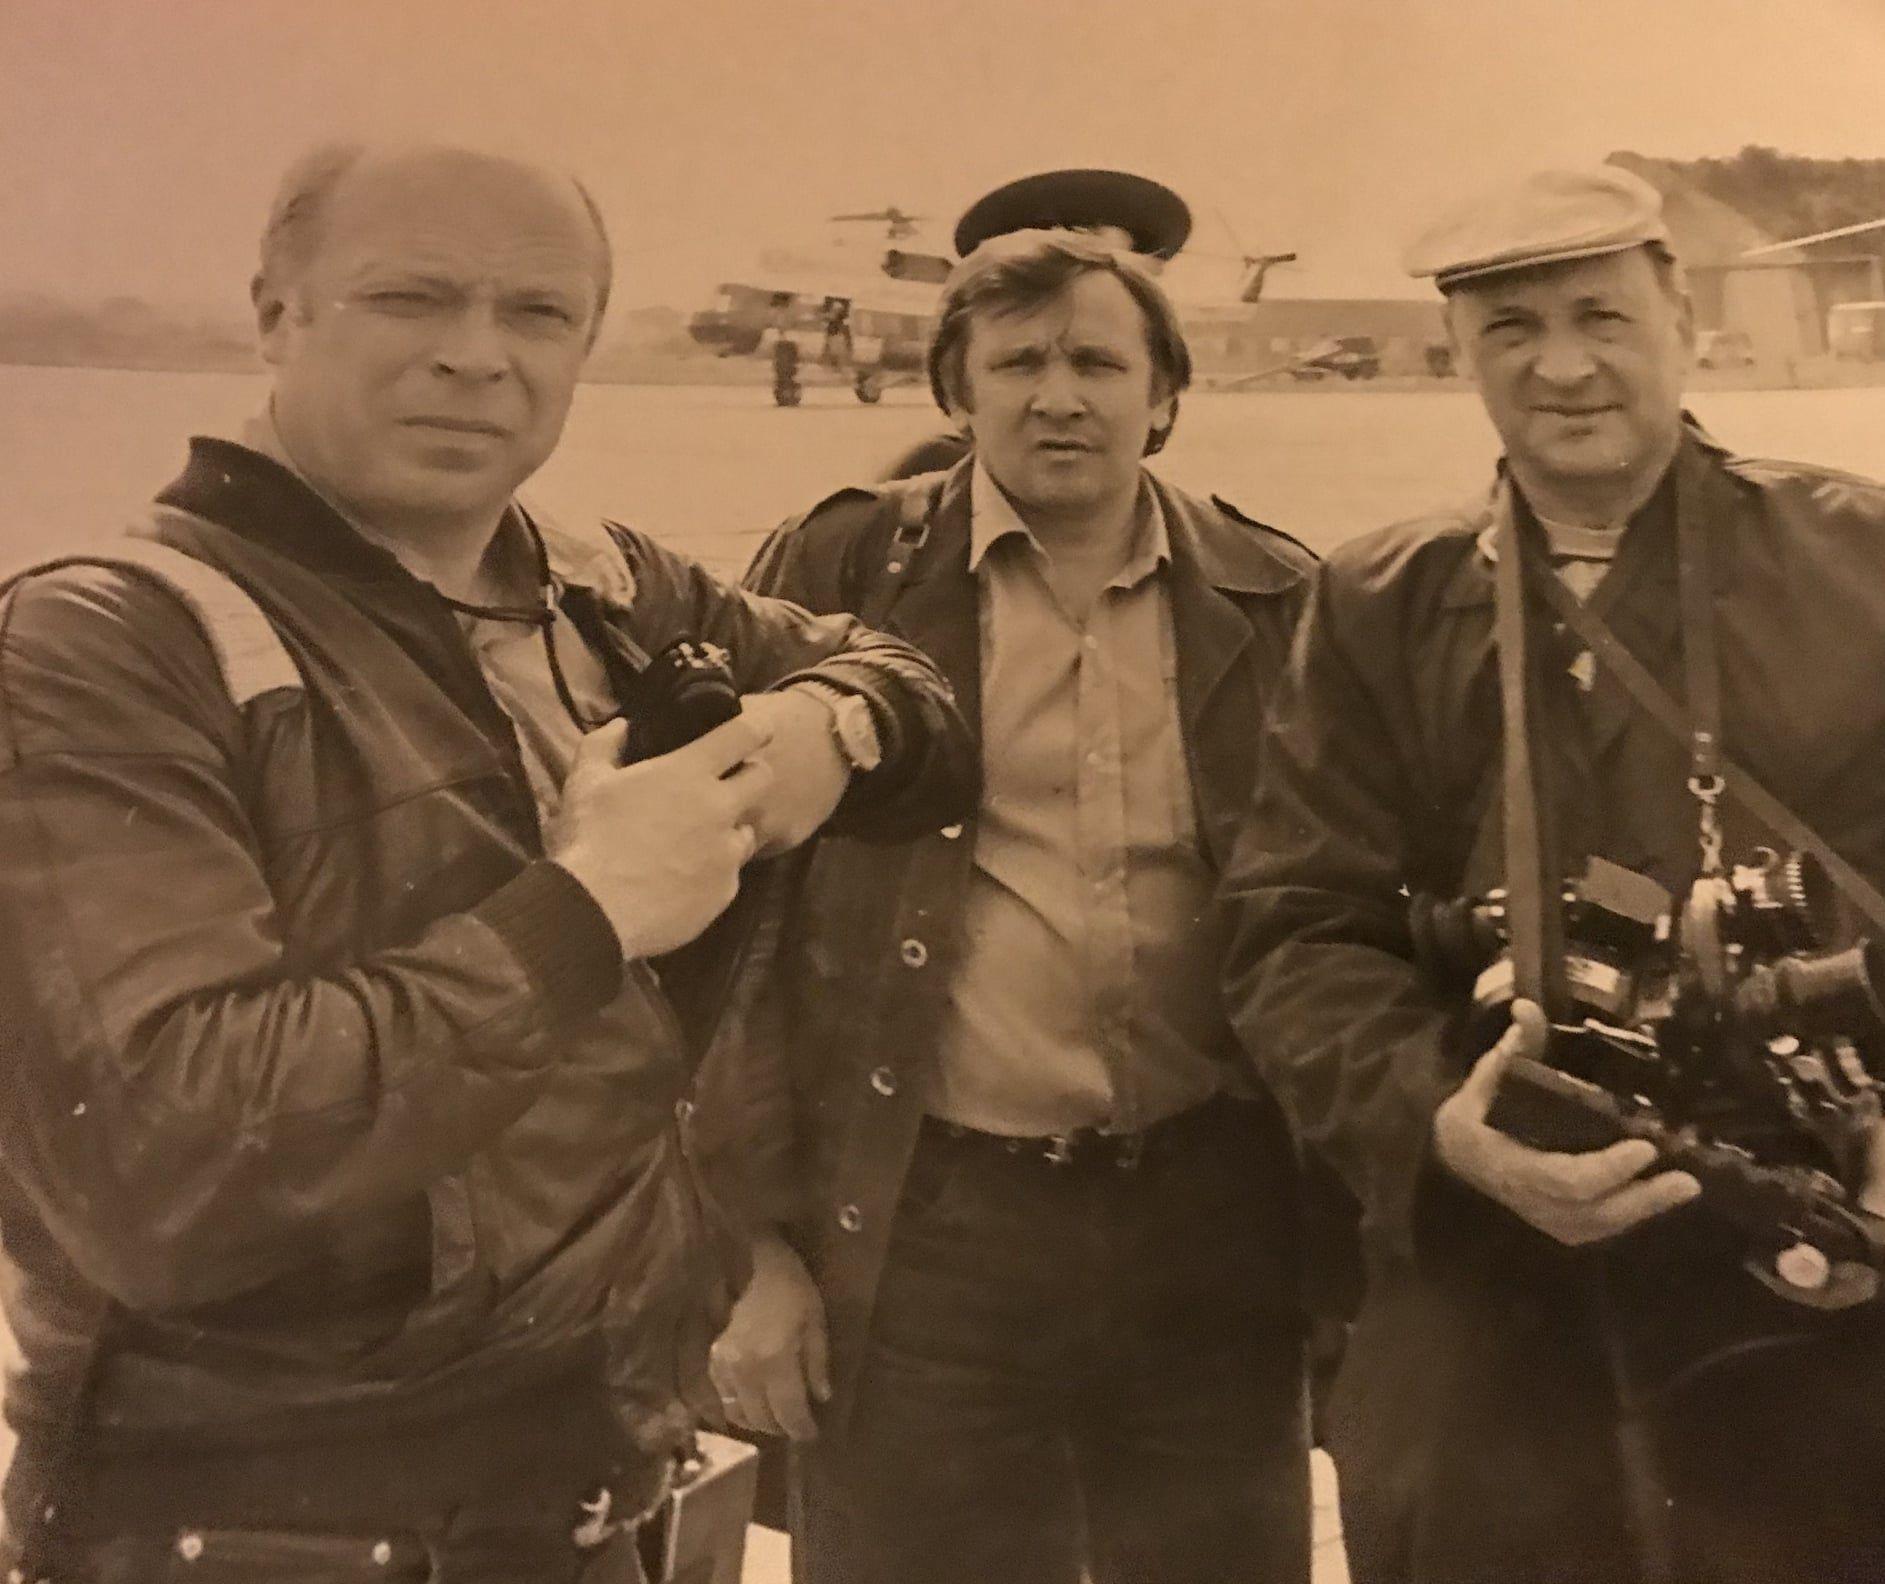 Экспонат #19. БАМ. Комсомольск-на-Амуре. 1984 год